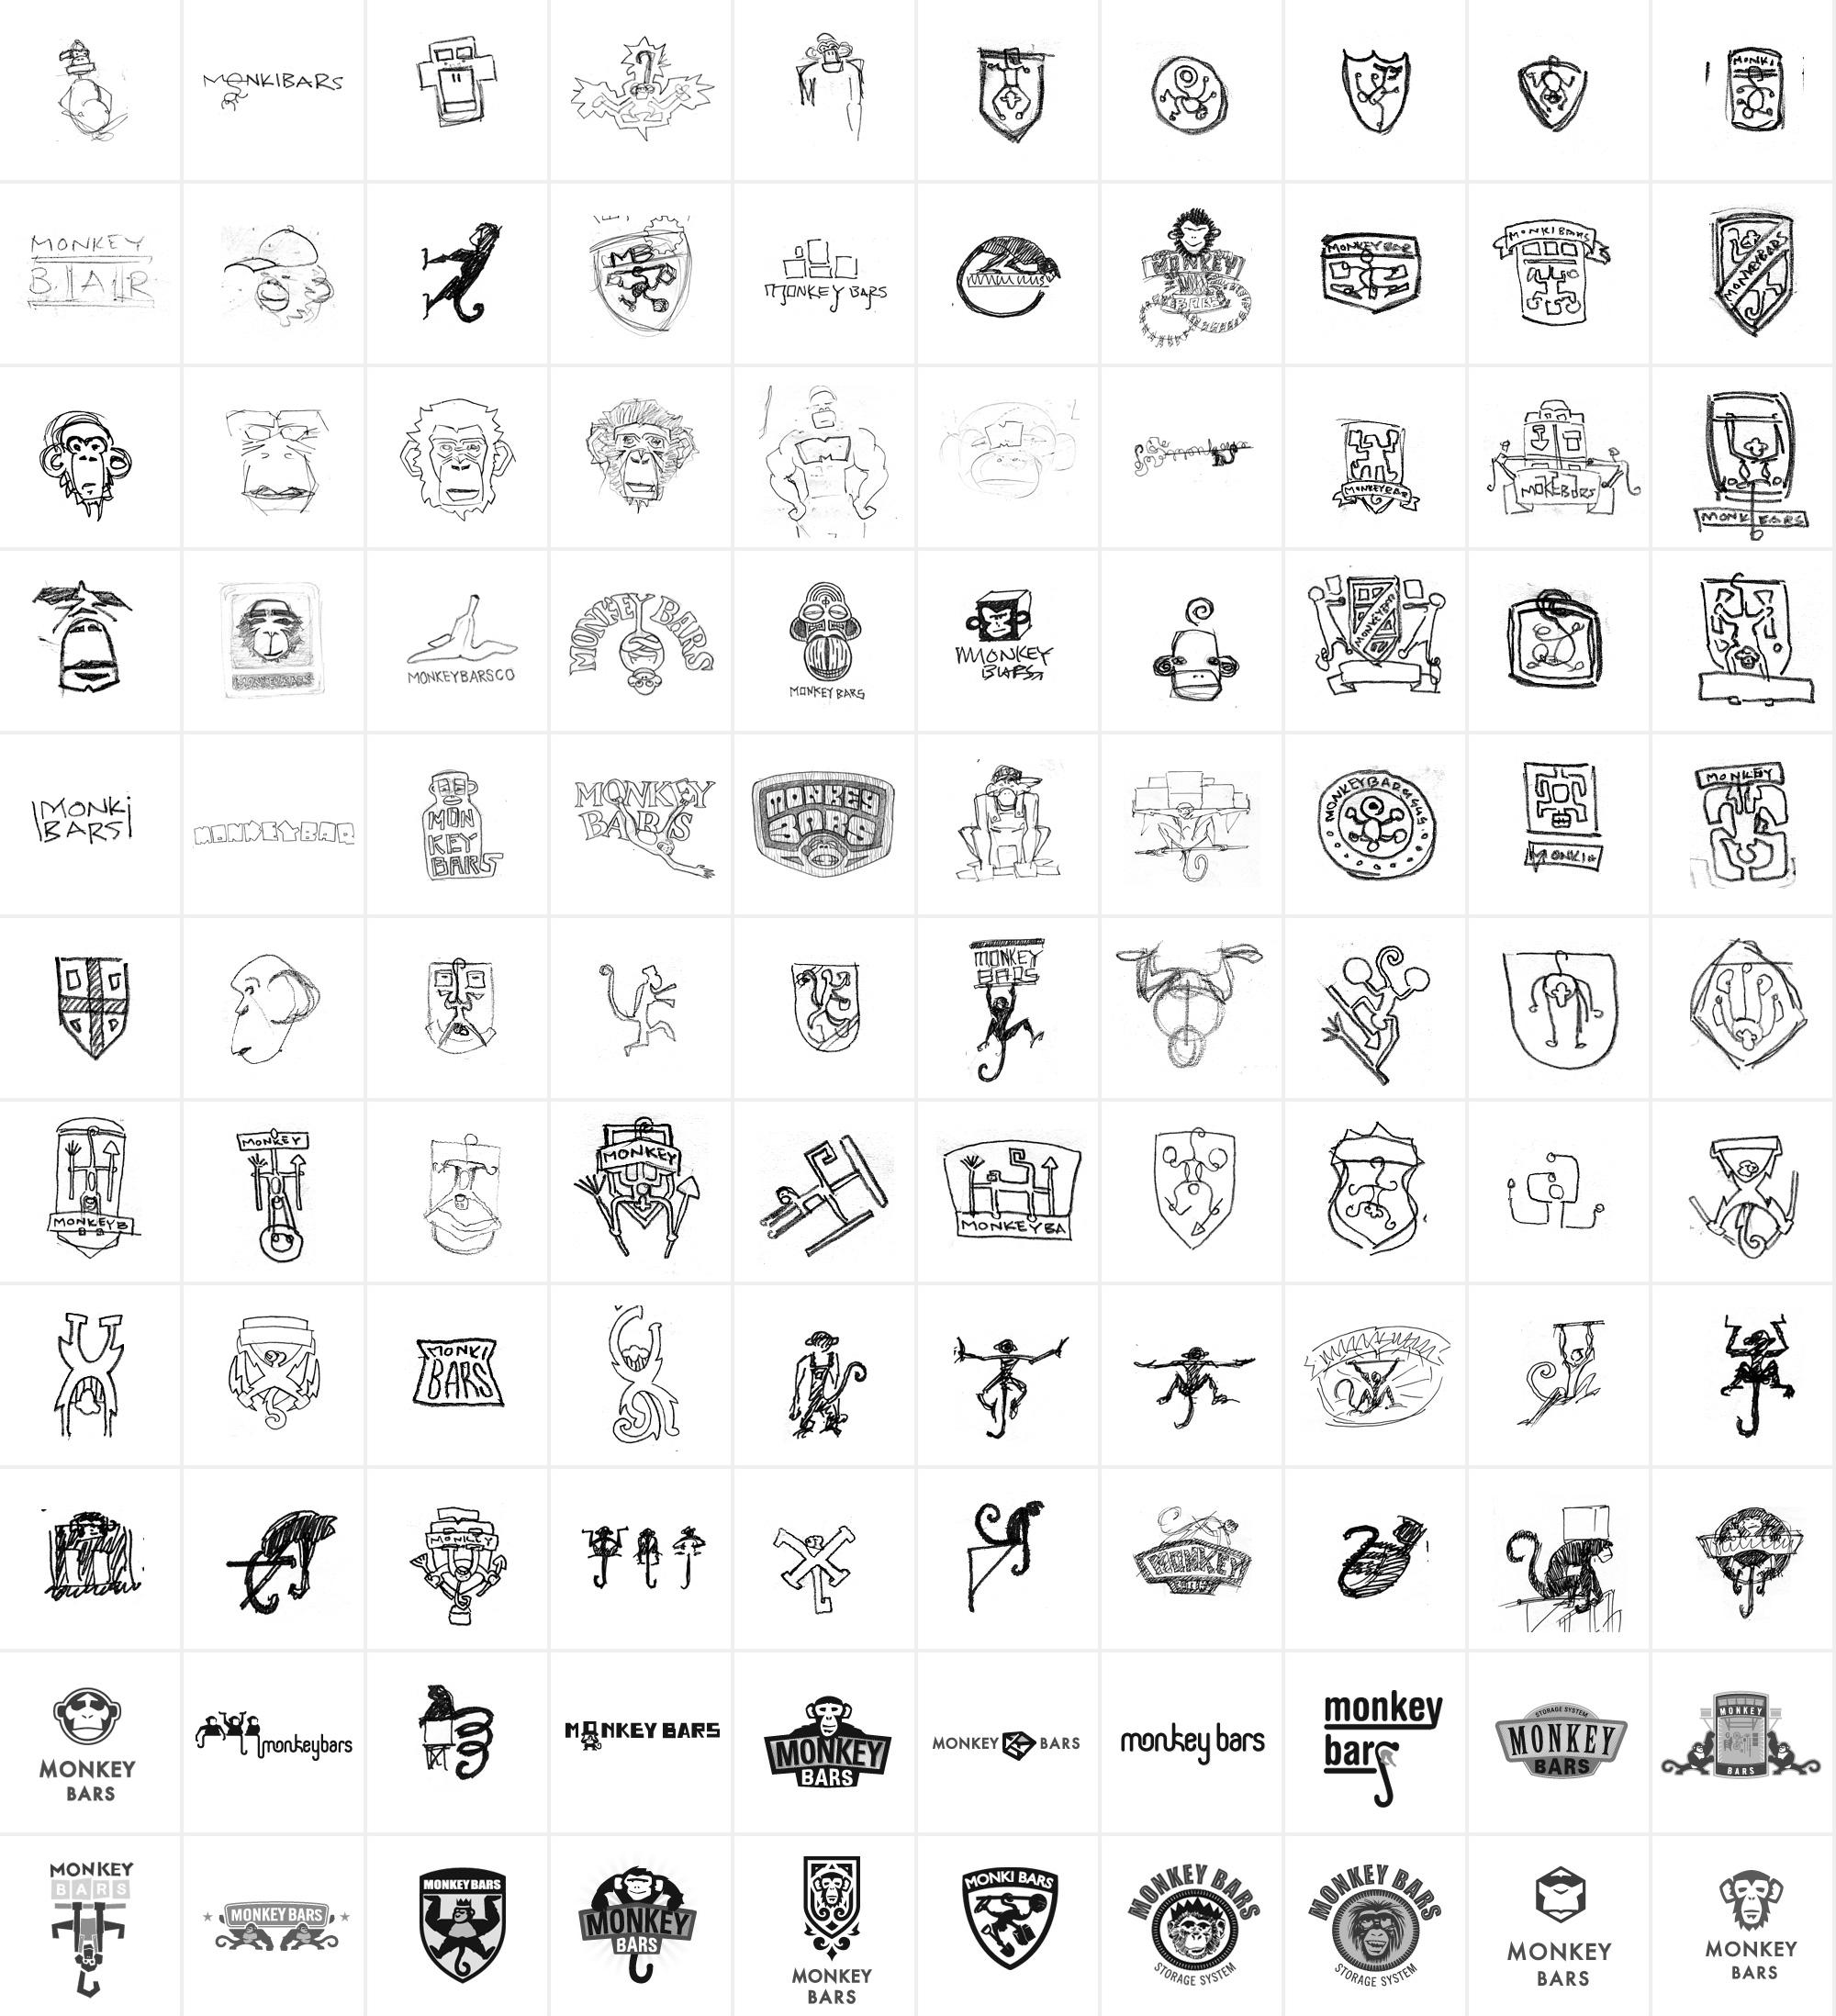 Monkey Bars Logo Sketches